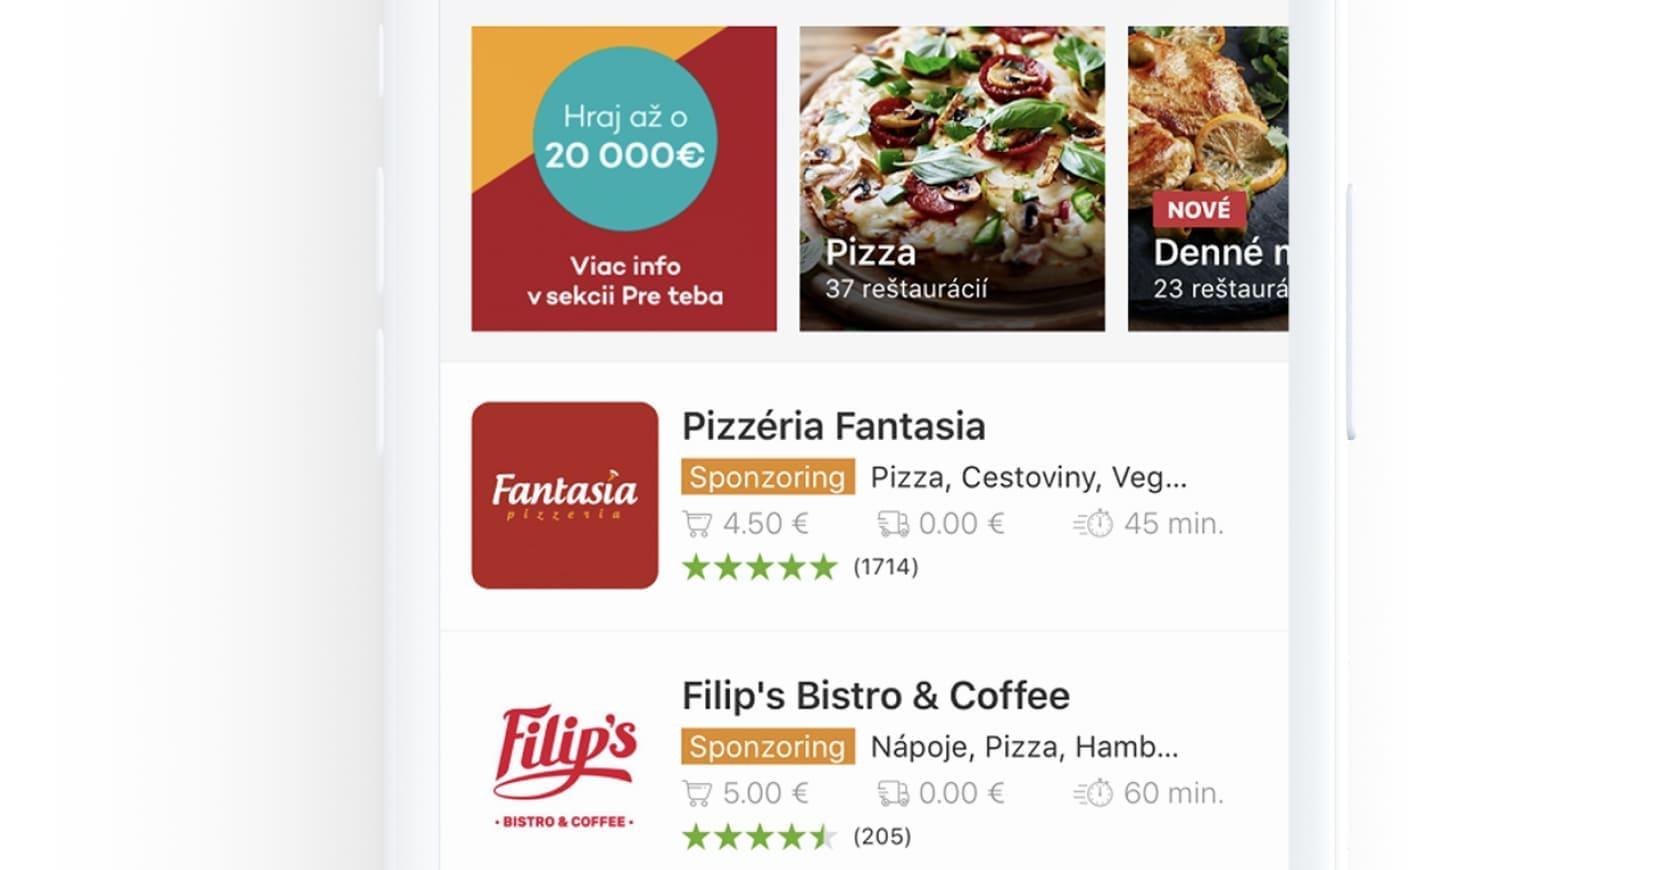 Vyvoj modernej mobilnej aplikacie pre donasku jedla s velkym poctom funkionalit, ako hodnotenie, čas doručenia, cena dovozu